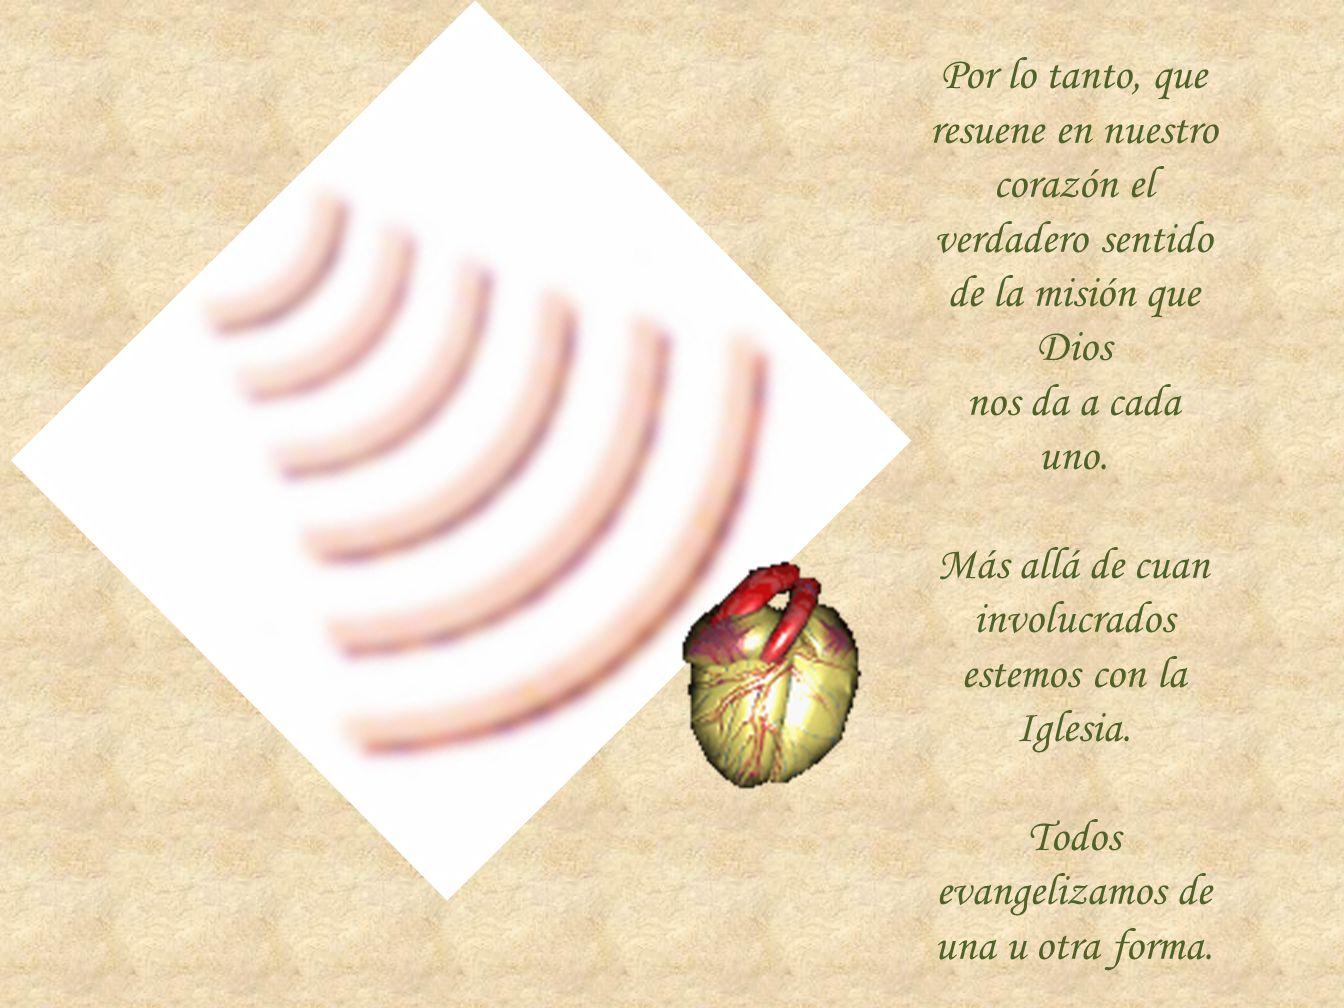 Por lo tanto, que resuene en nuestro corazón el verdadero sentido de la misión que Dios nos da a cada uno. Más allá de cuan involucrados estemos con l